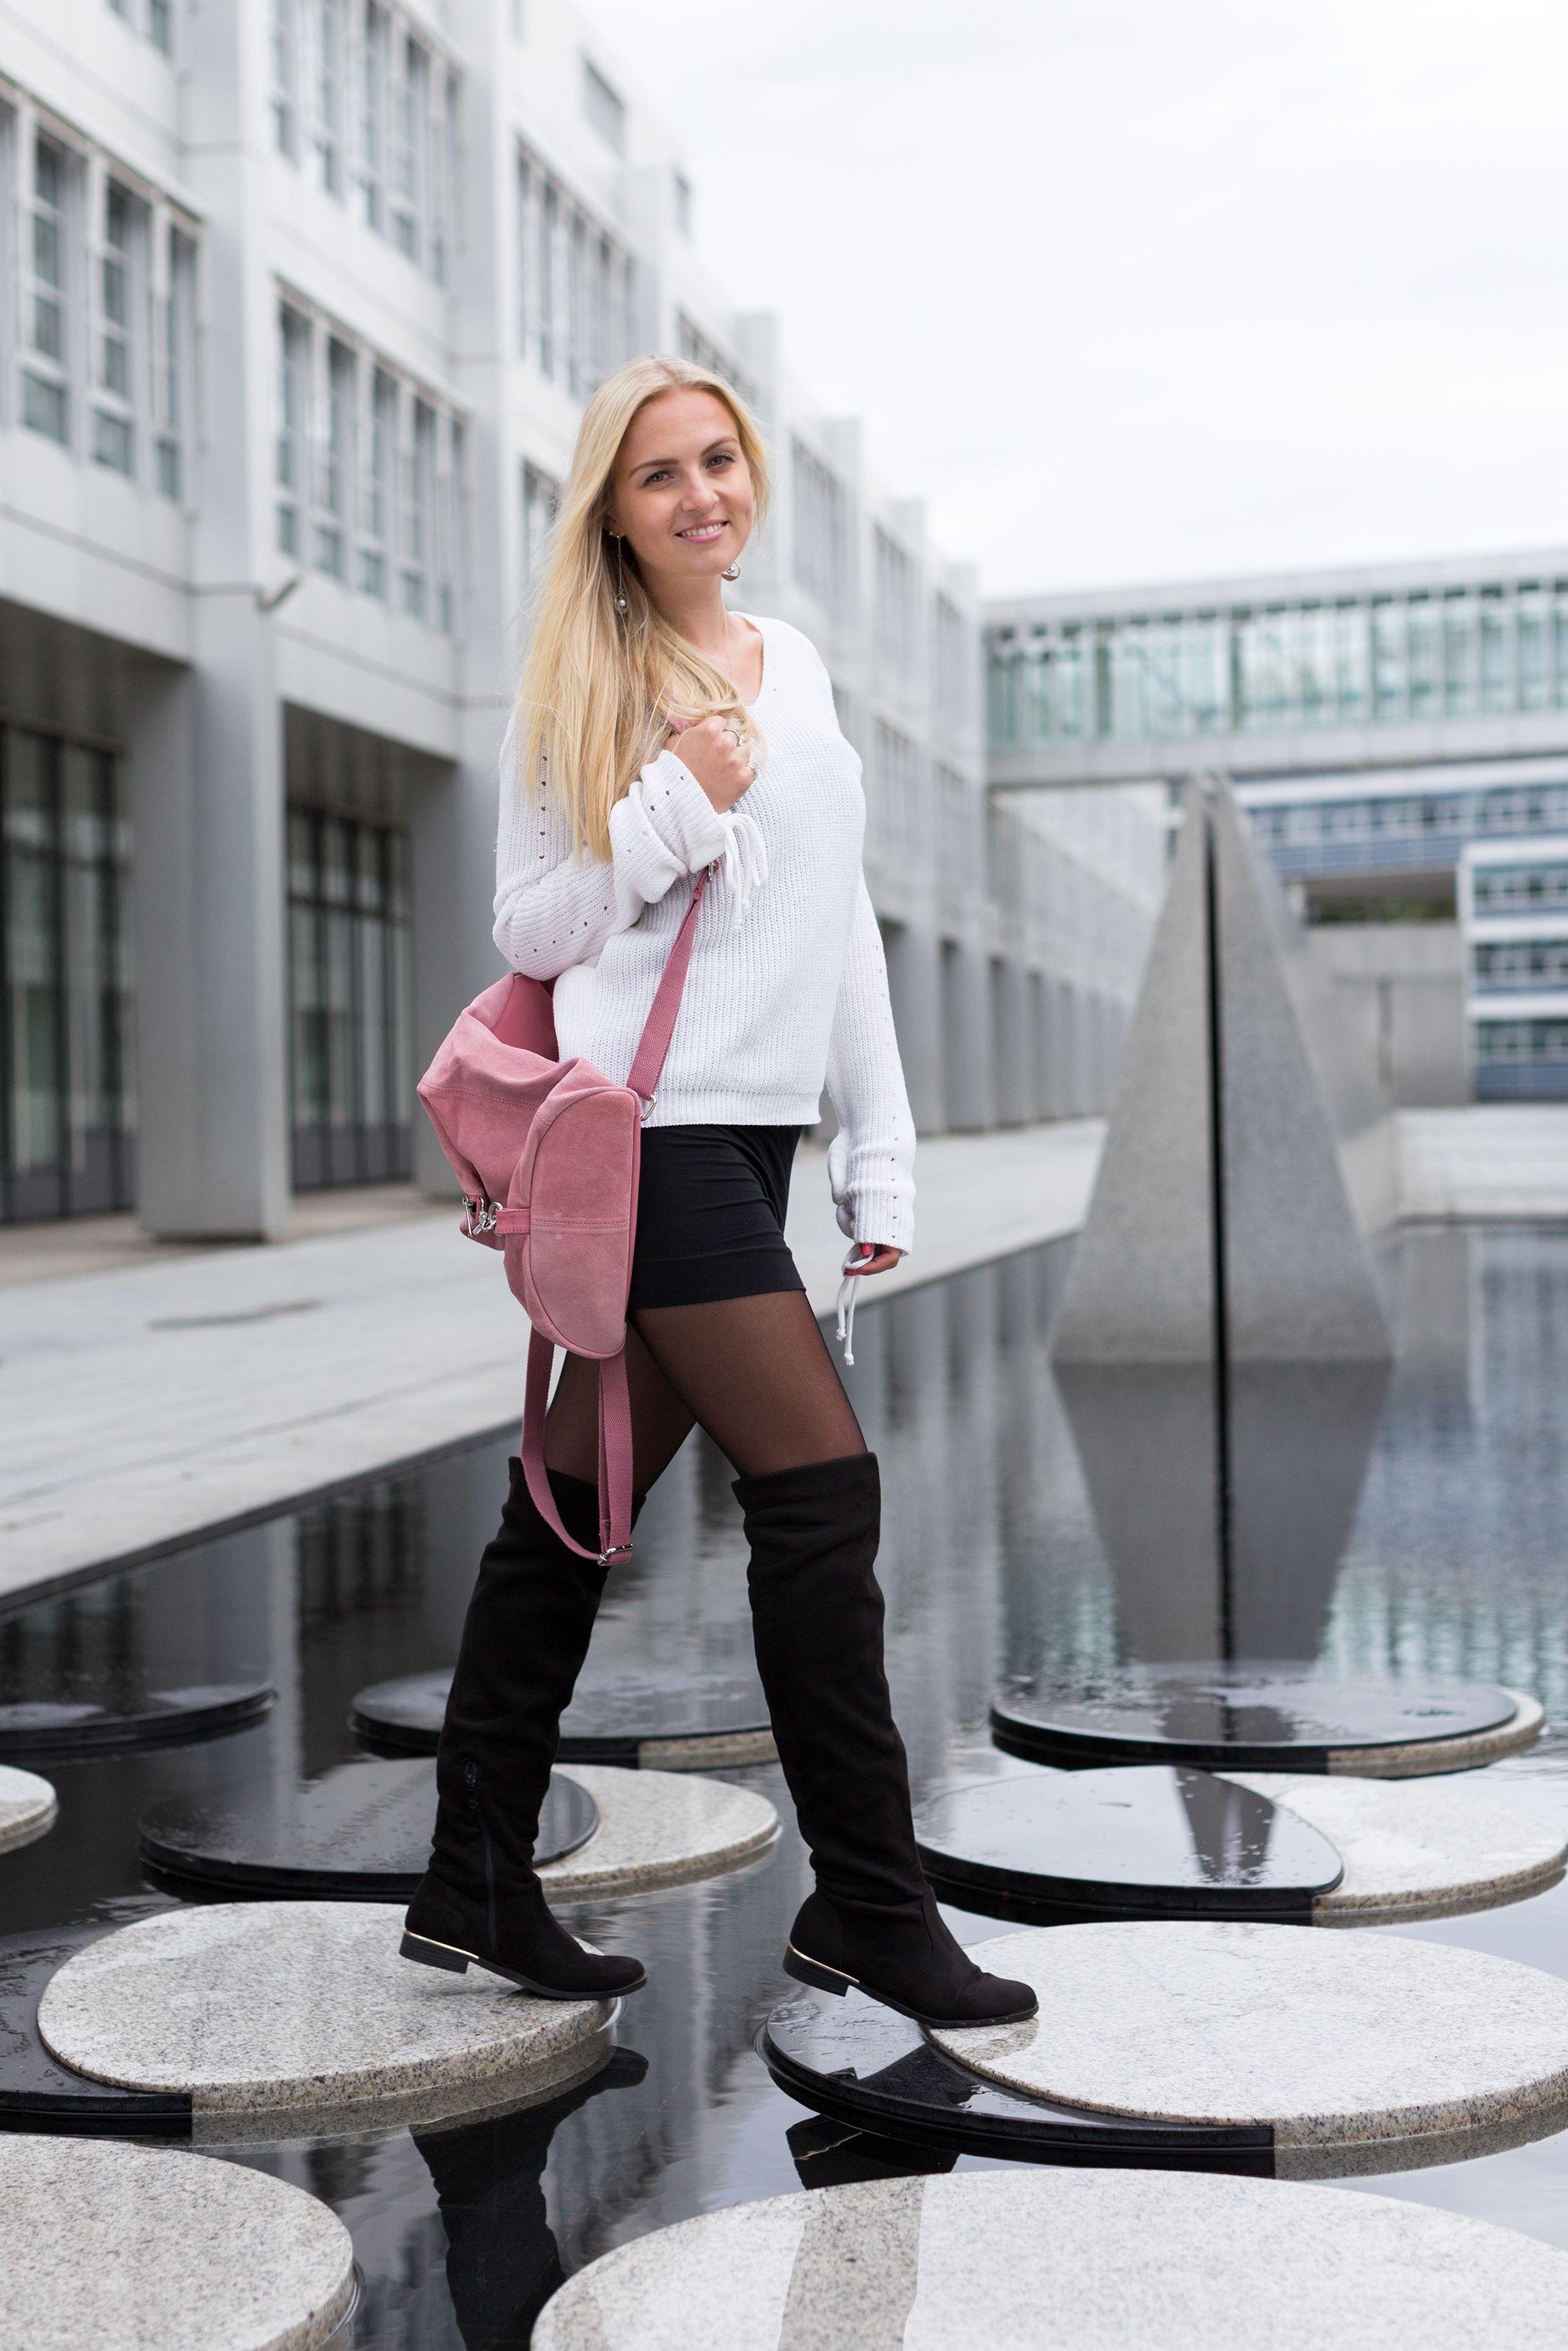 fashionHerbst und Wintertrend  Overknees richtig kombinieren!   overkneestiefel  overknees 8ccb32426d